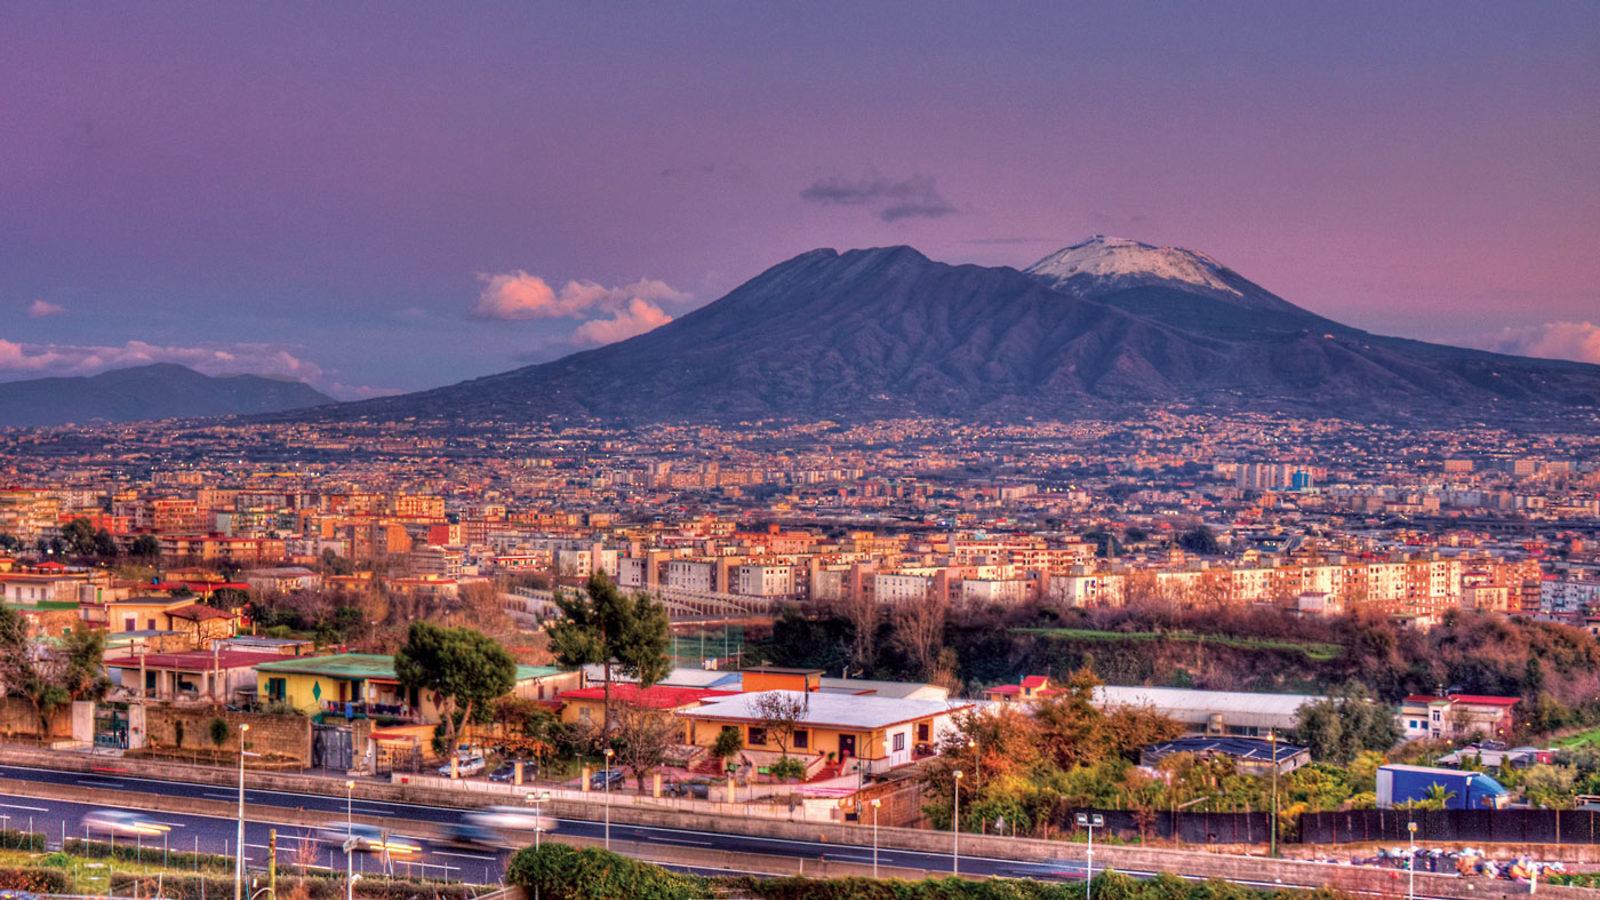 Image of Mount Vesuvius